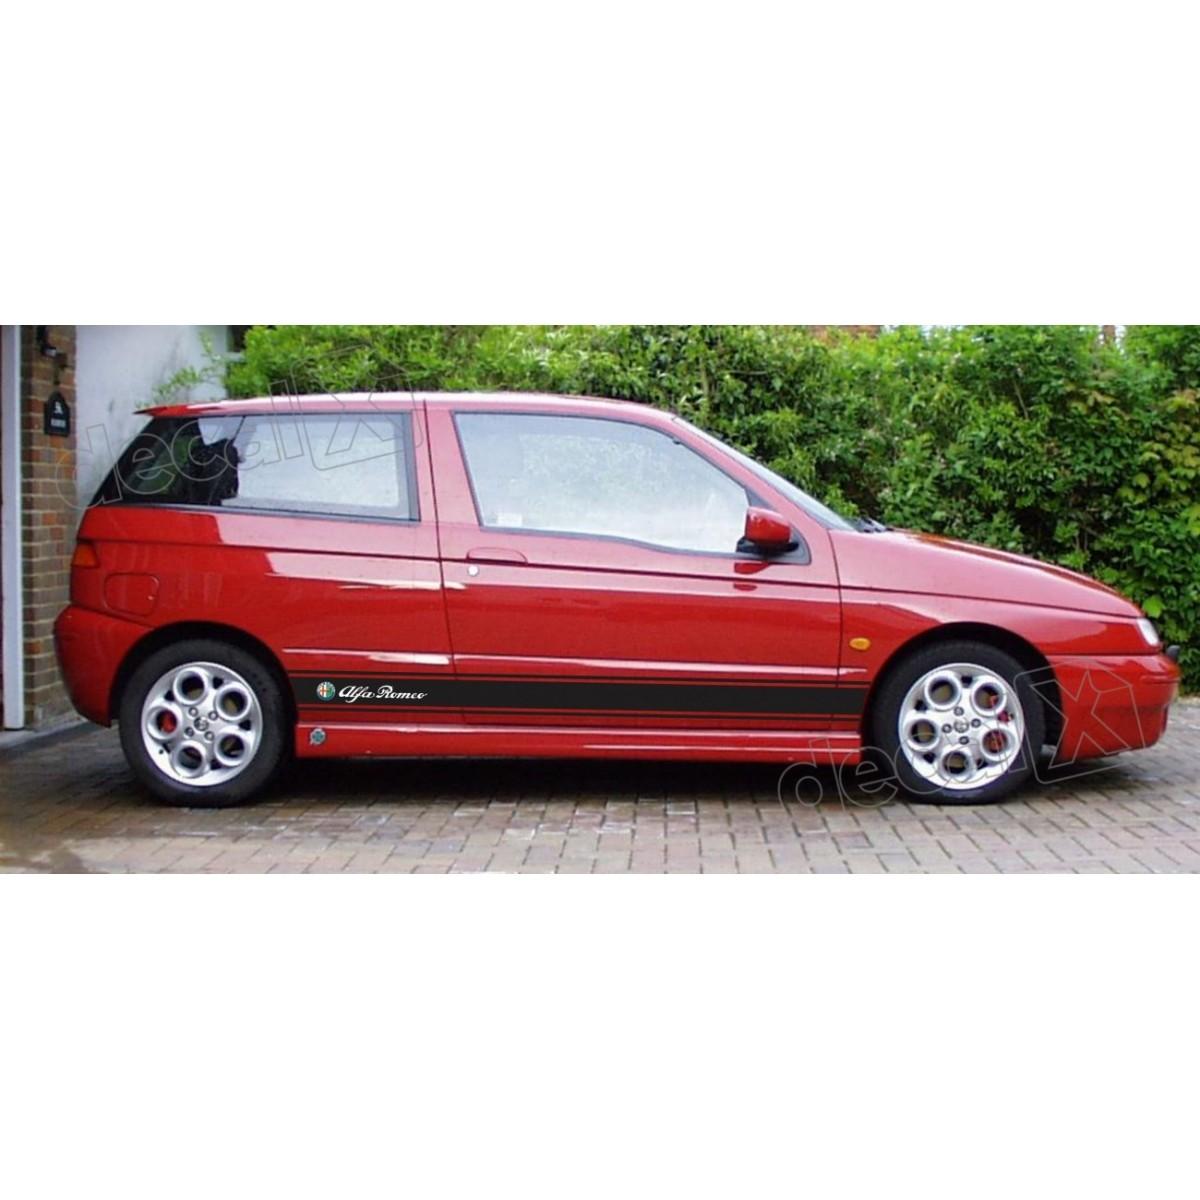 Adesivo Alfa Romeo Faixa Lateral 3m 1450